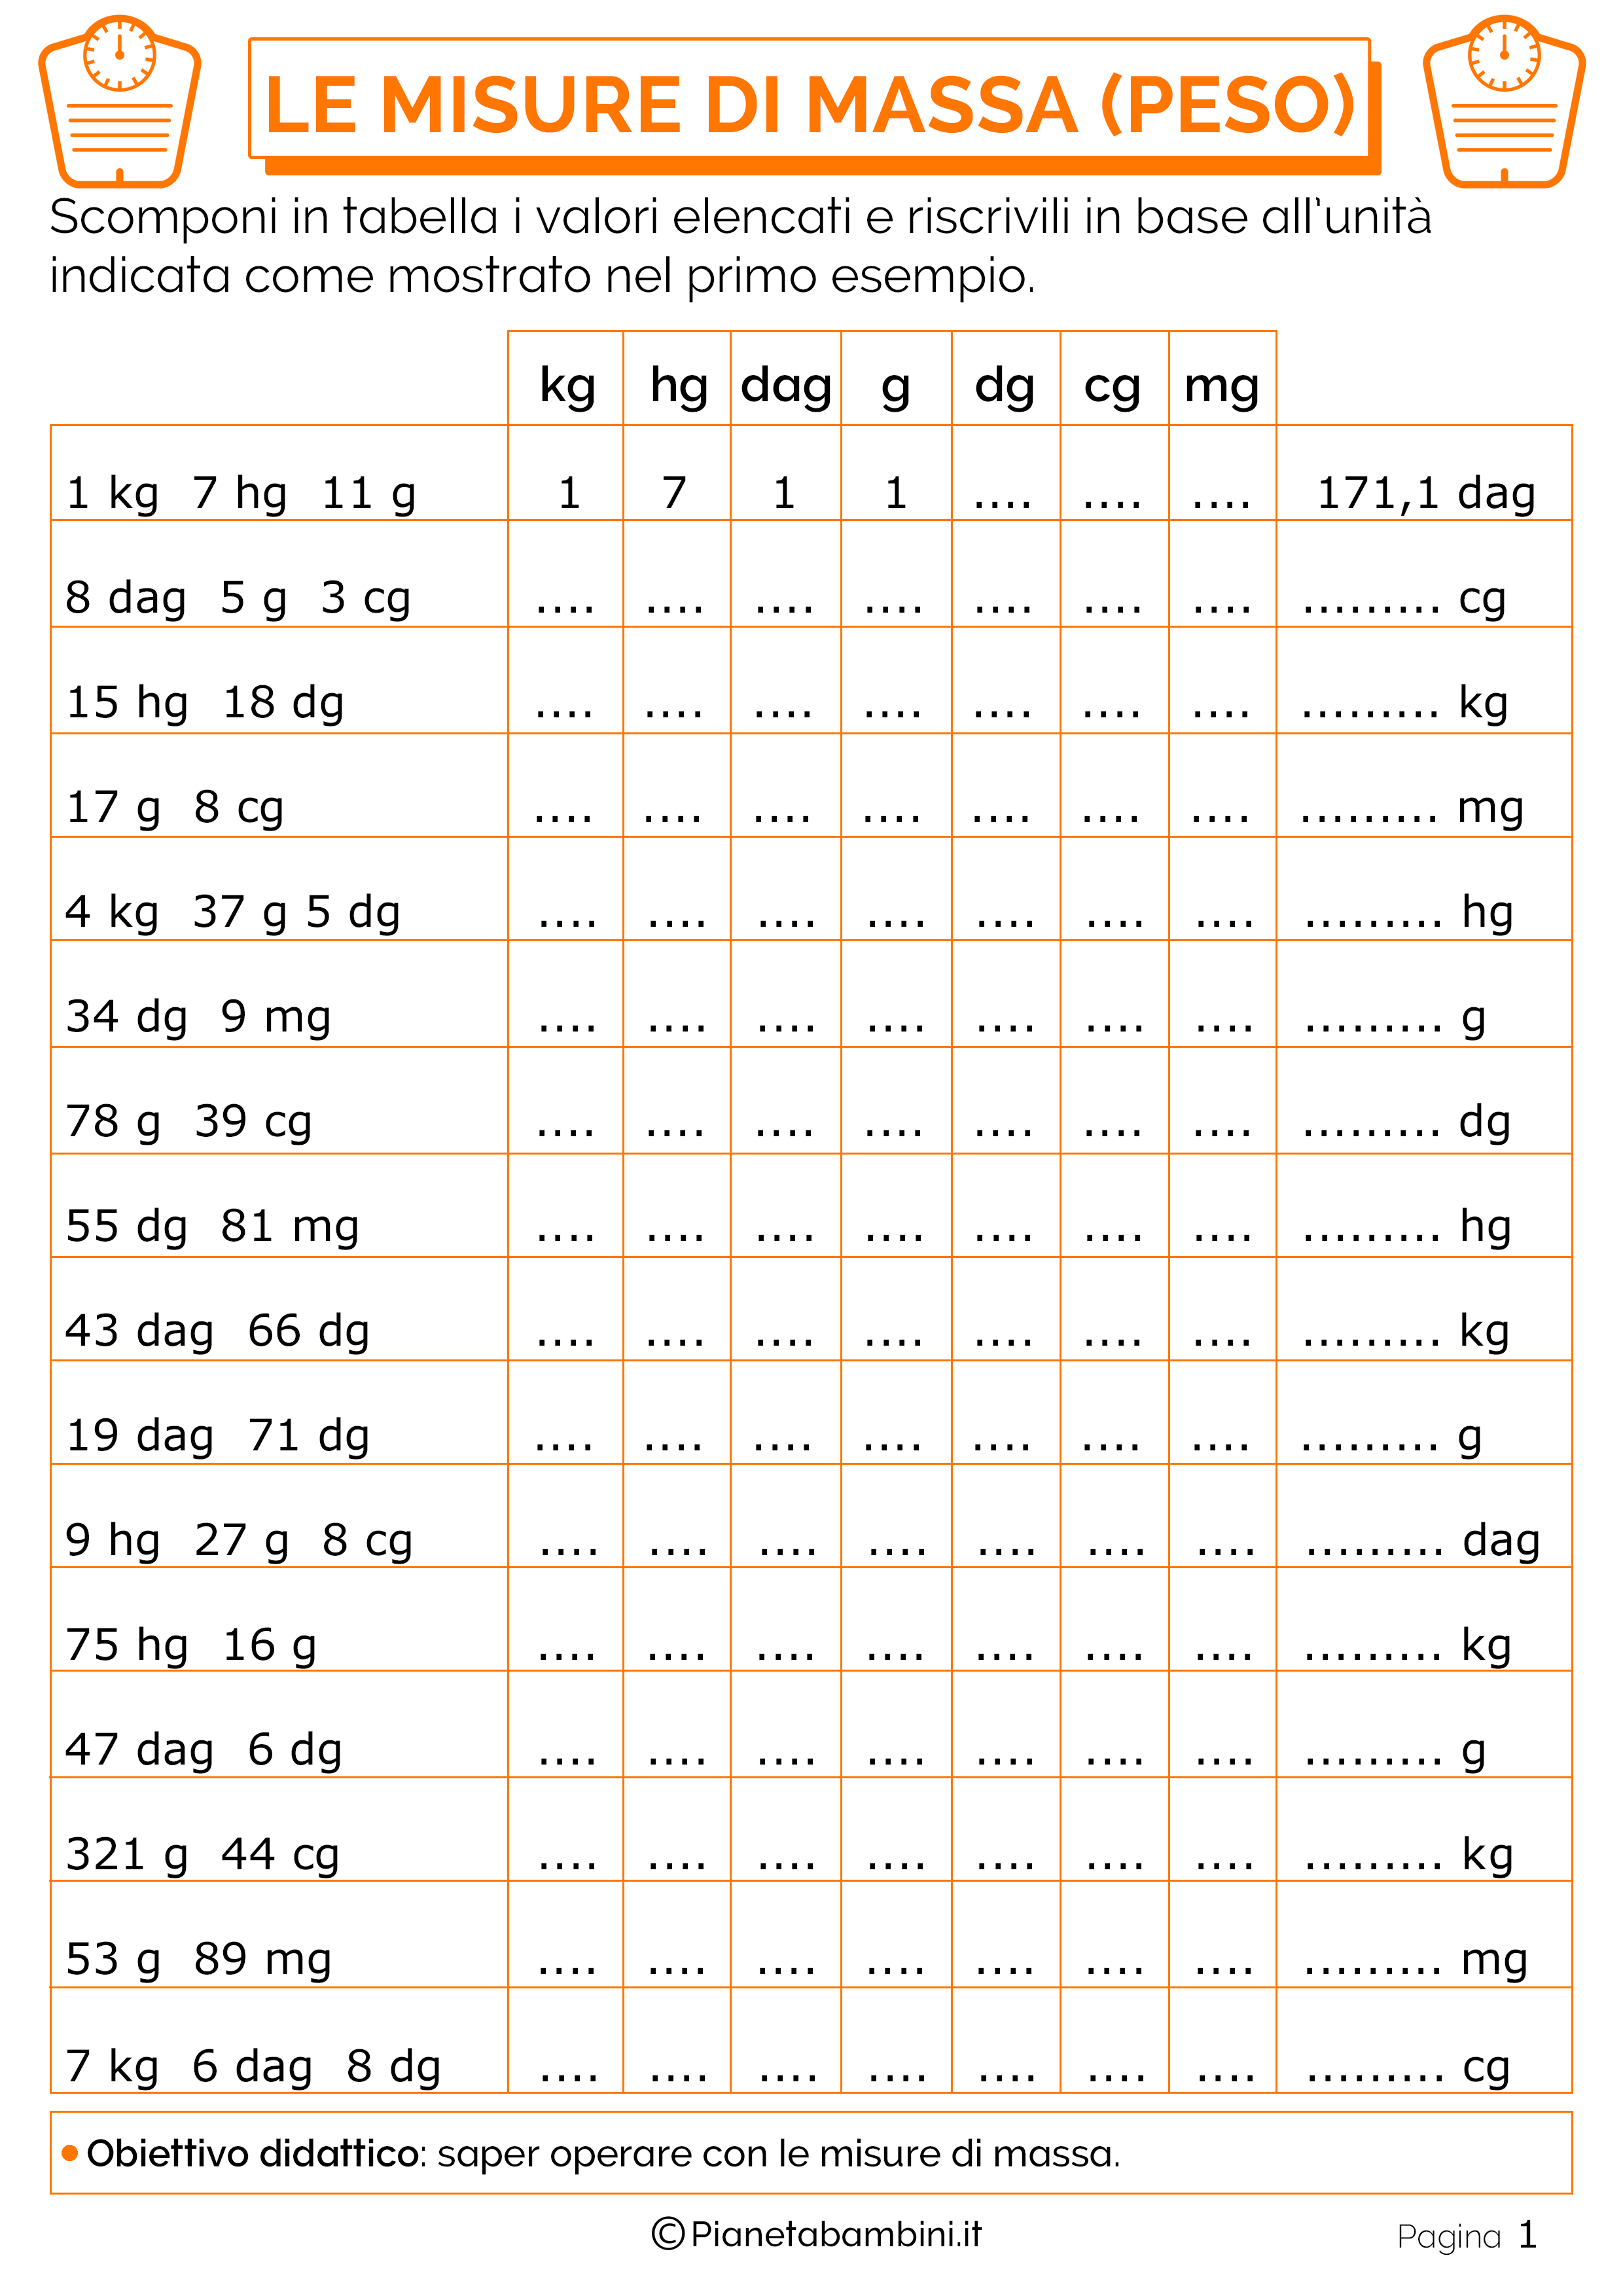 Esercizi-Scomposizione-Misure-Massa-Peso-1